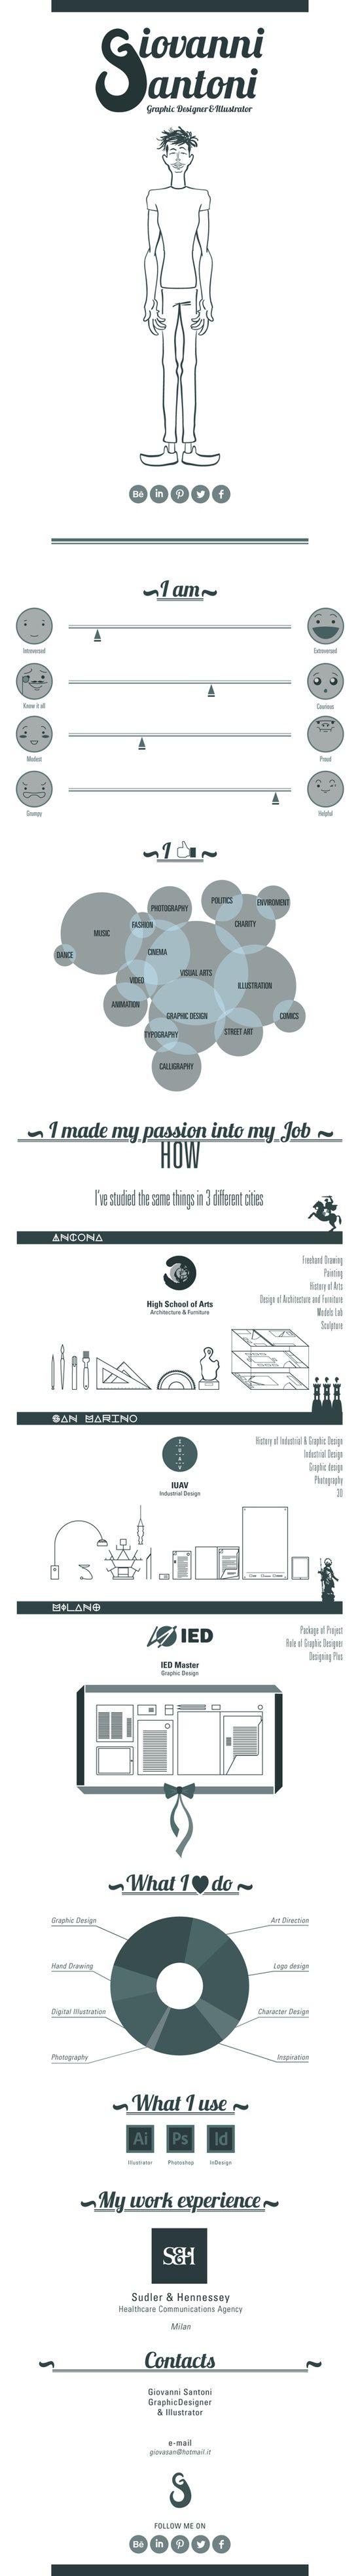 17 Best Resume Images On Pinterest Cv Design Design Resume And